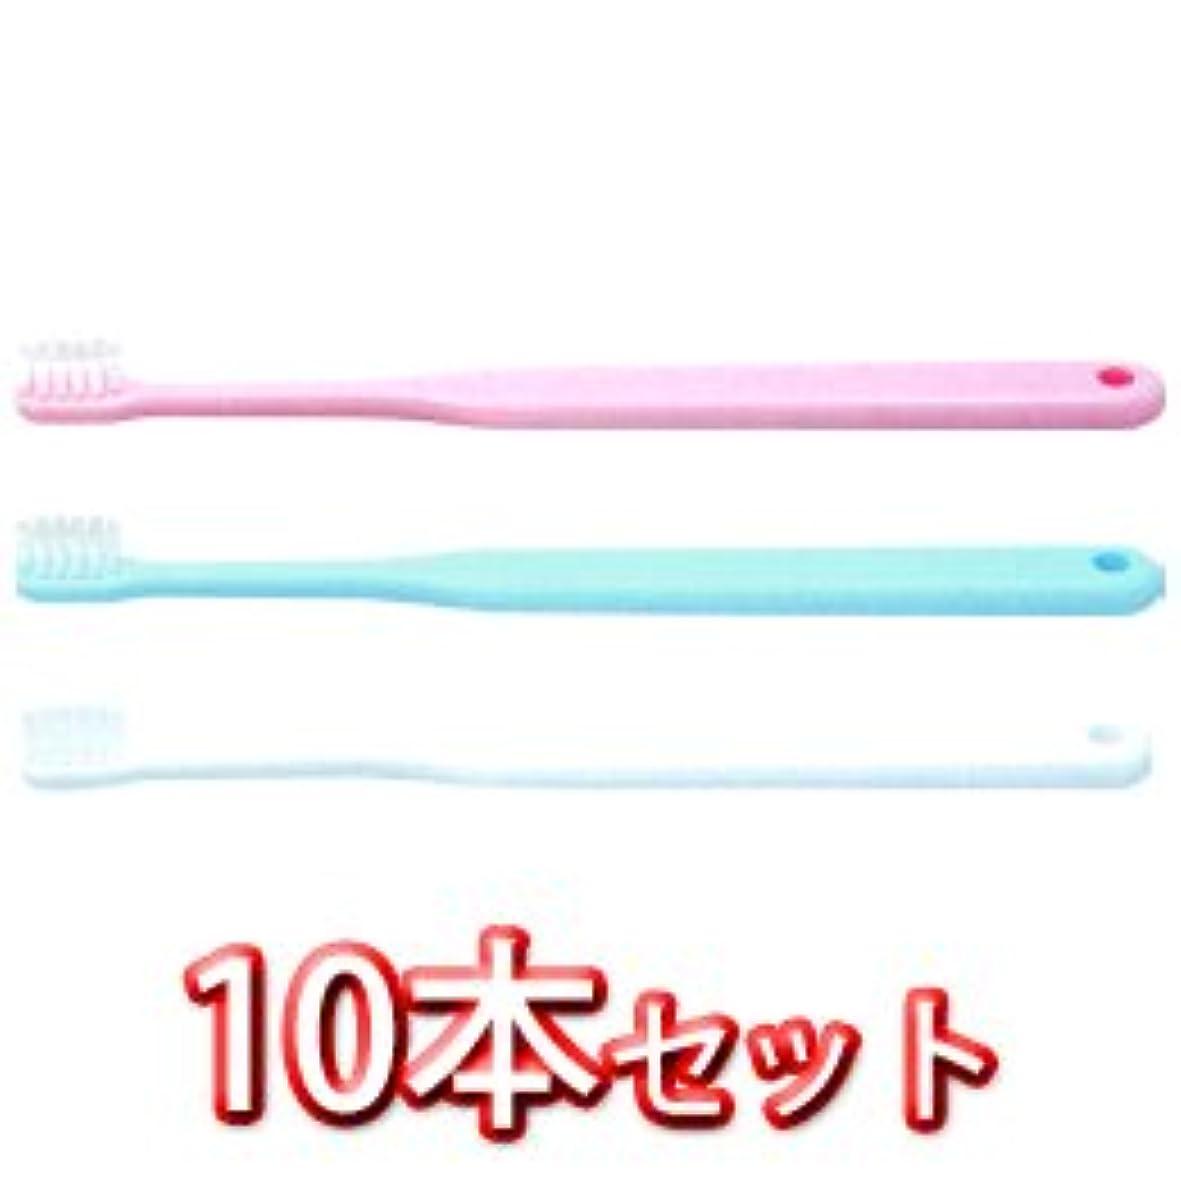 キッチン収容するレギュラーCiメディカル 歯ブラシ Ci602 仕上げ磨き用 10本